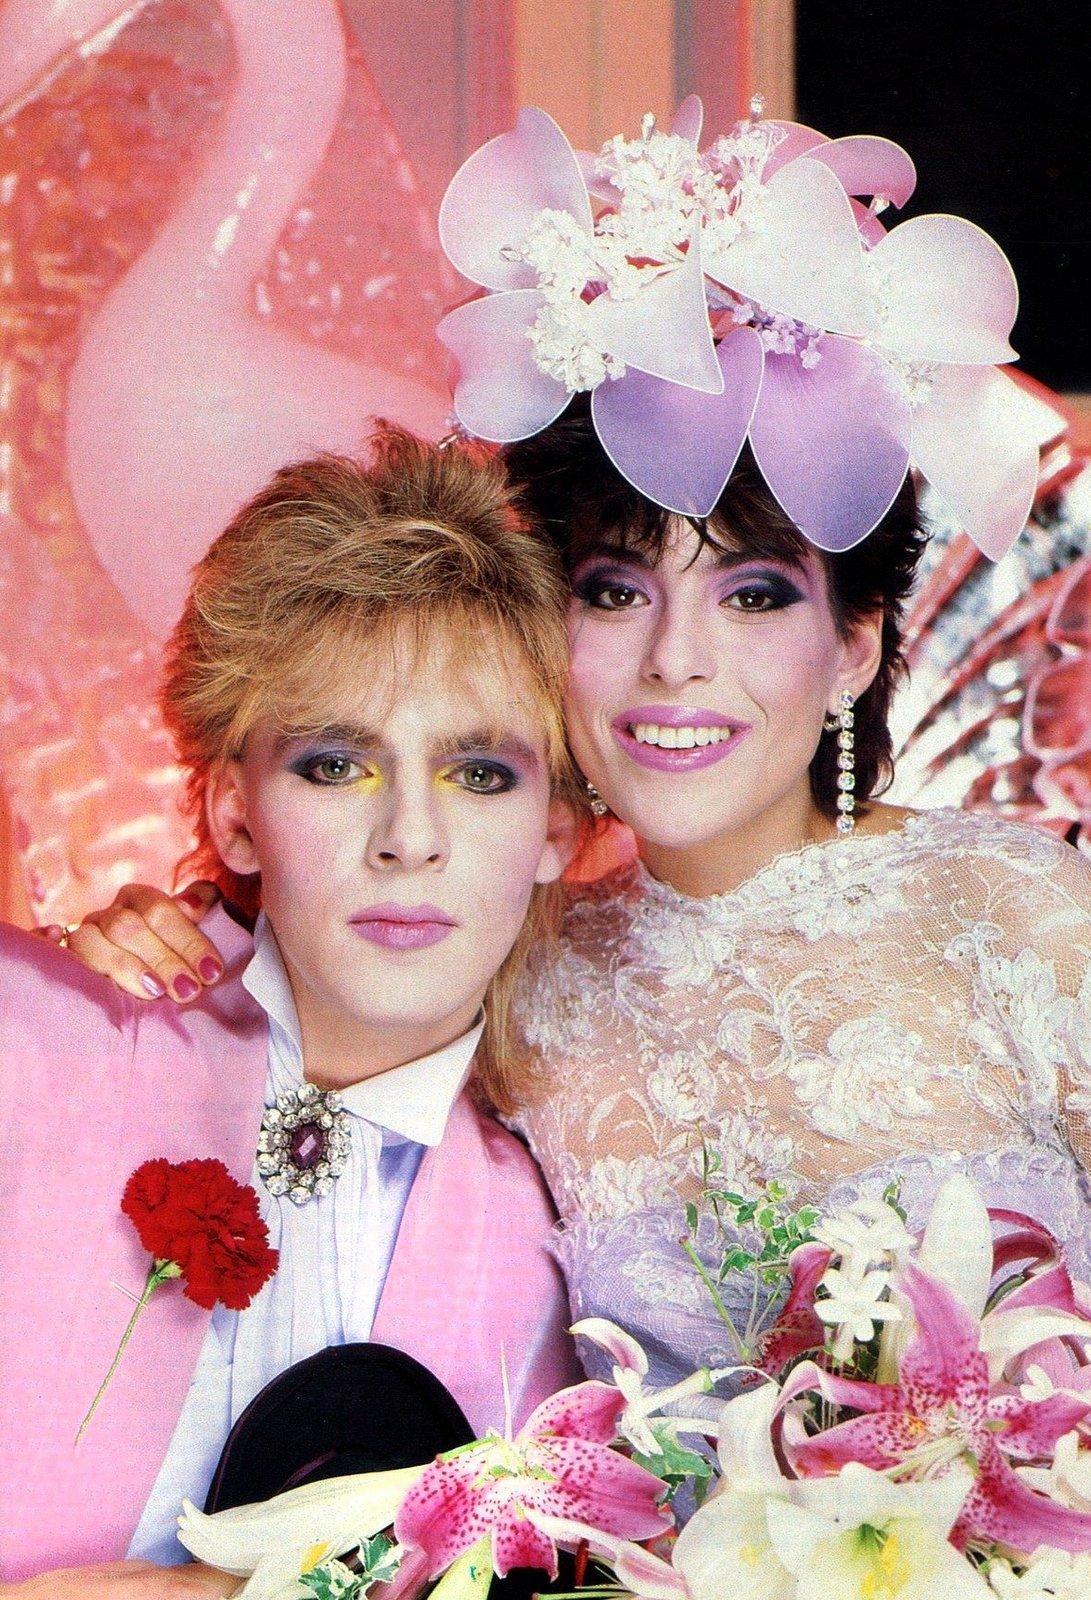 Vintage Duran Duran - Nick Rhodes and Julie Ann Friedman wedding photo (1984)